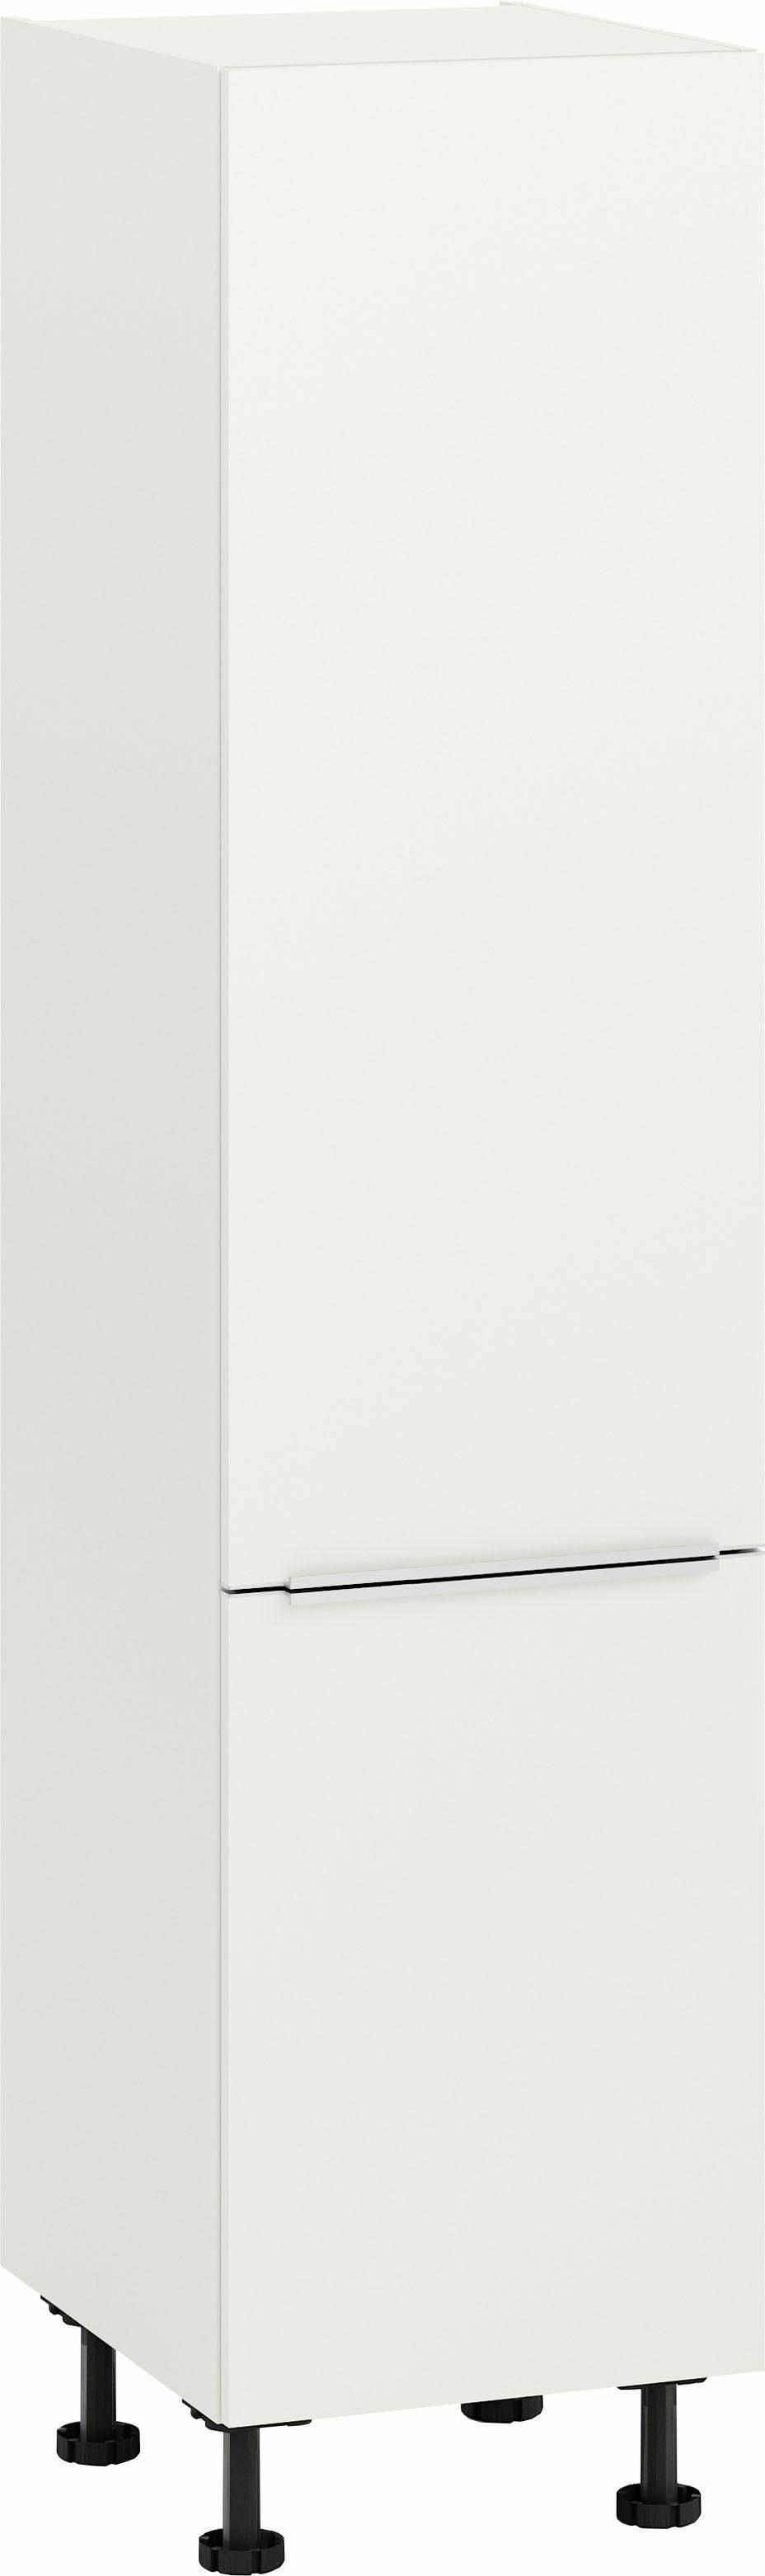 set one by Musterring Seitenschrank »Siena«, Breite 50 cm, mit Griffleiste, vormontiert